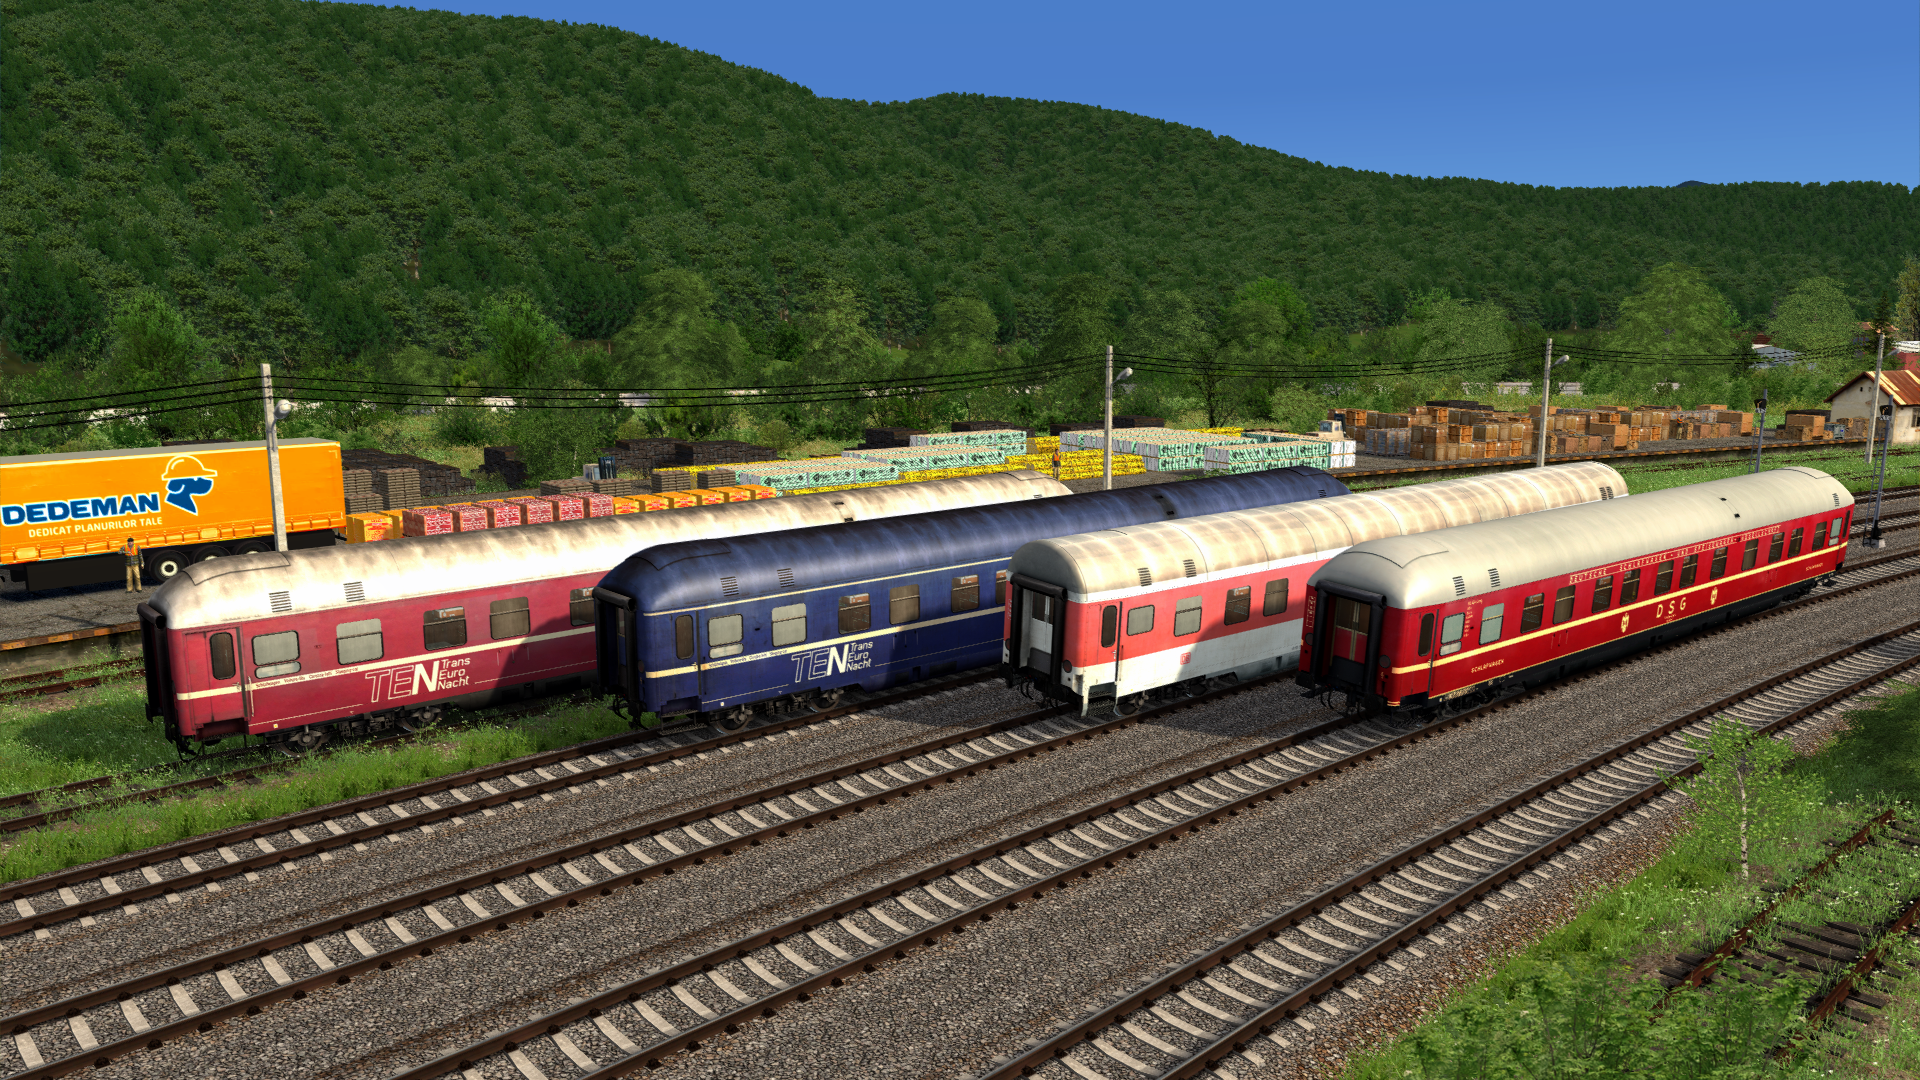 RailWorks64 2021-03-21 15-26-36